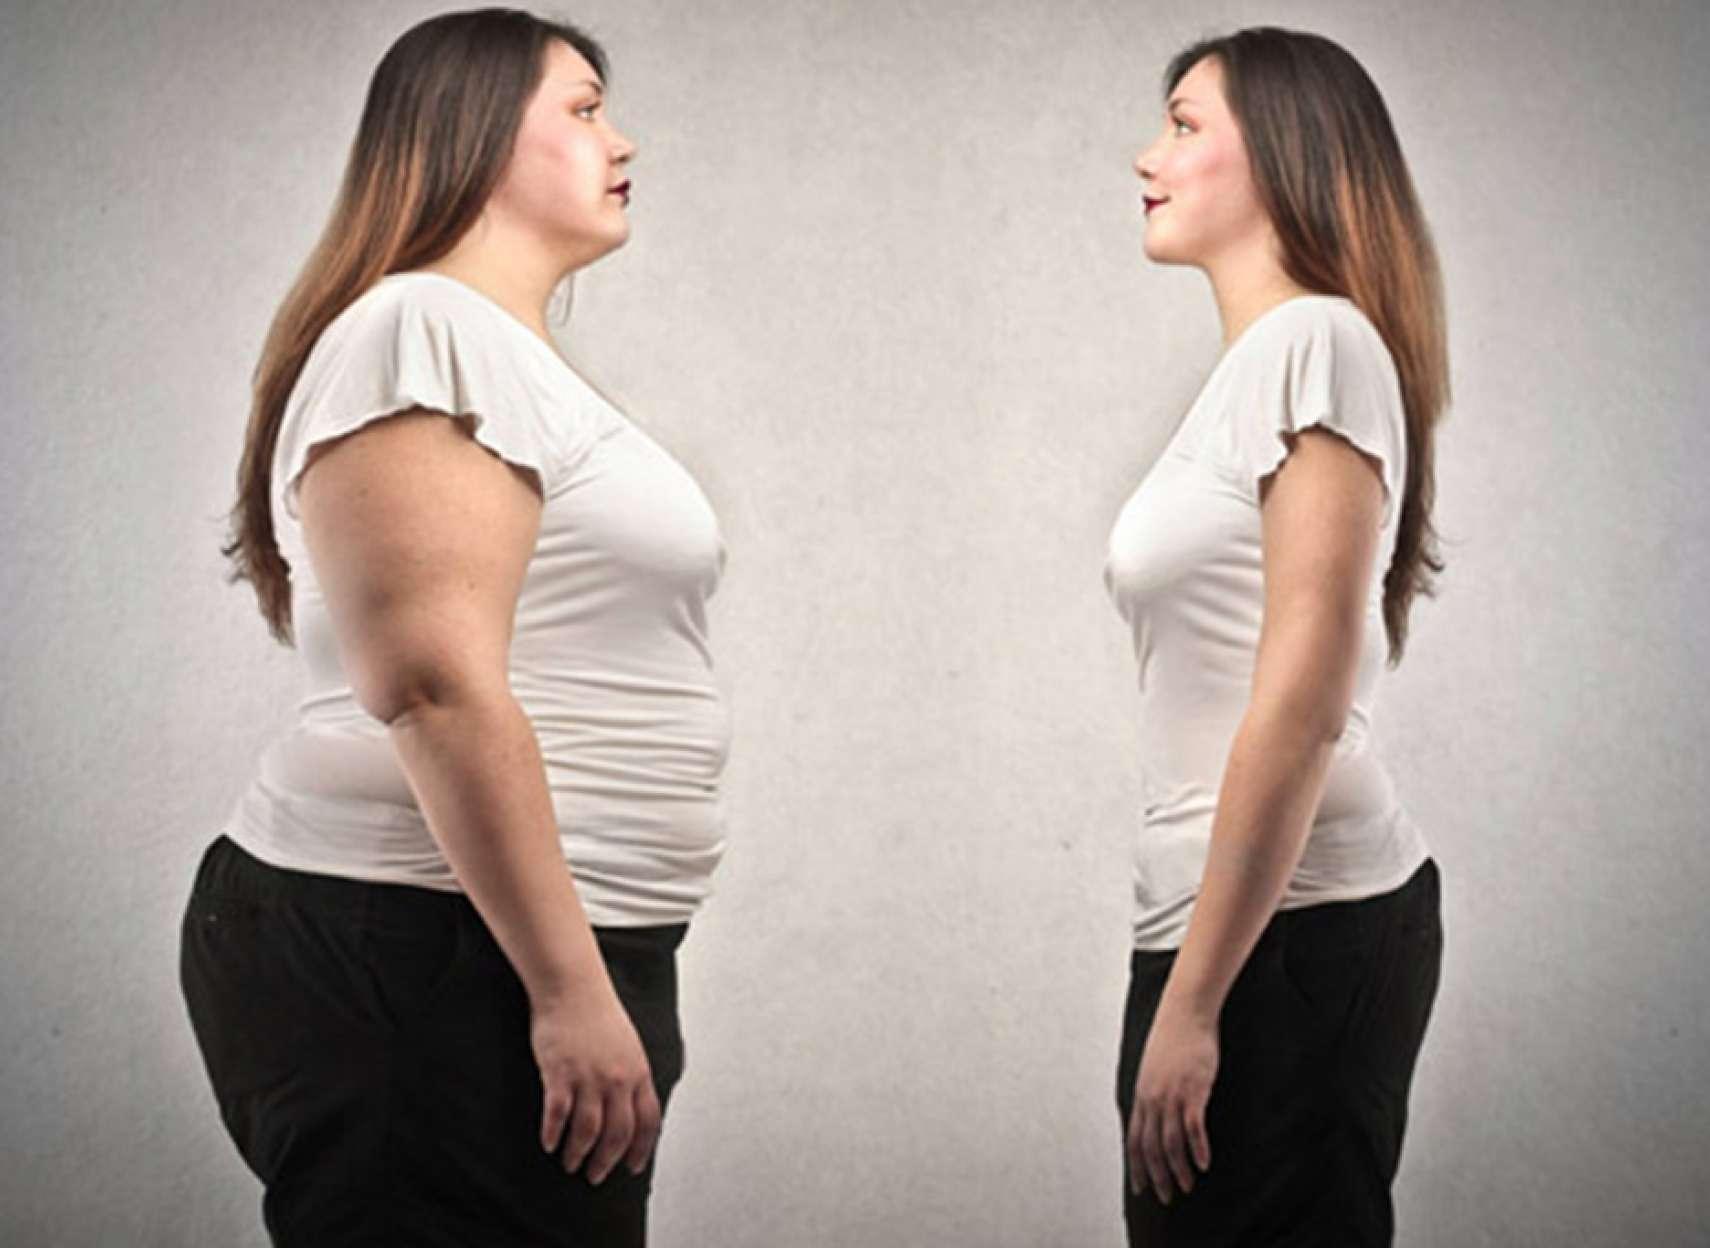 طبیعی-درمانی-کاظمی-چه-زمان-چاق-محسوب-میشویم-و-باید-با-آن-چه-کنیم